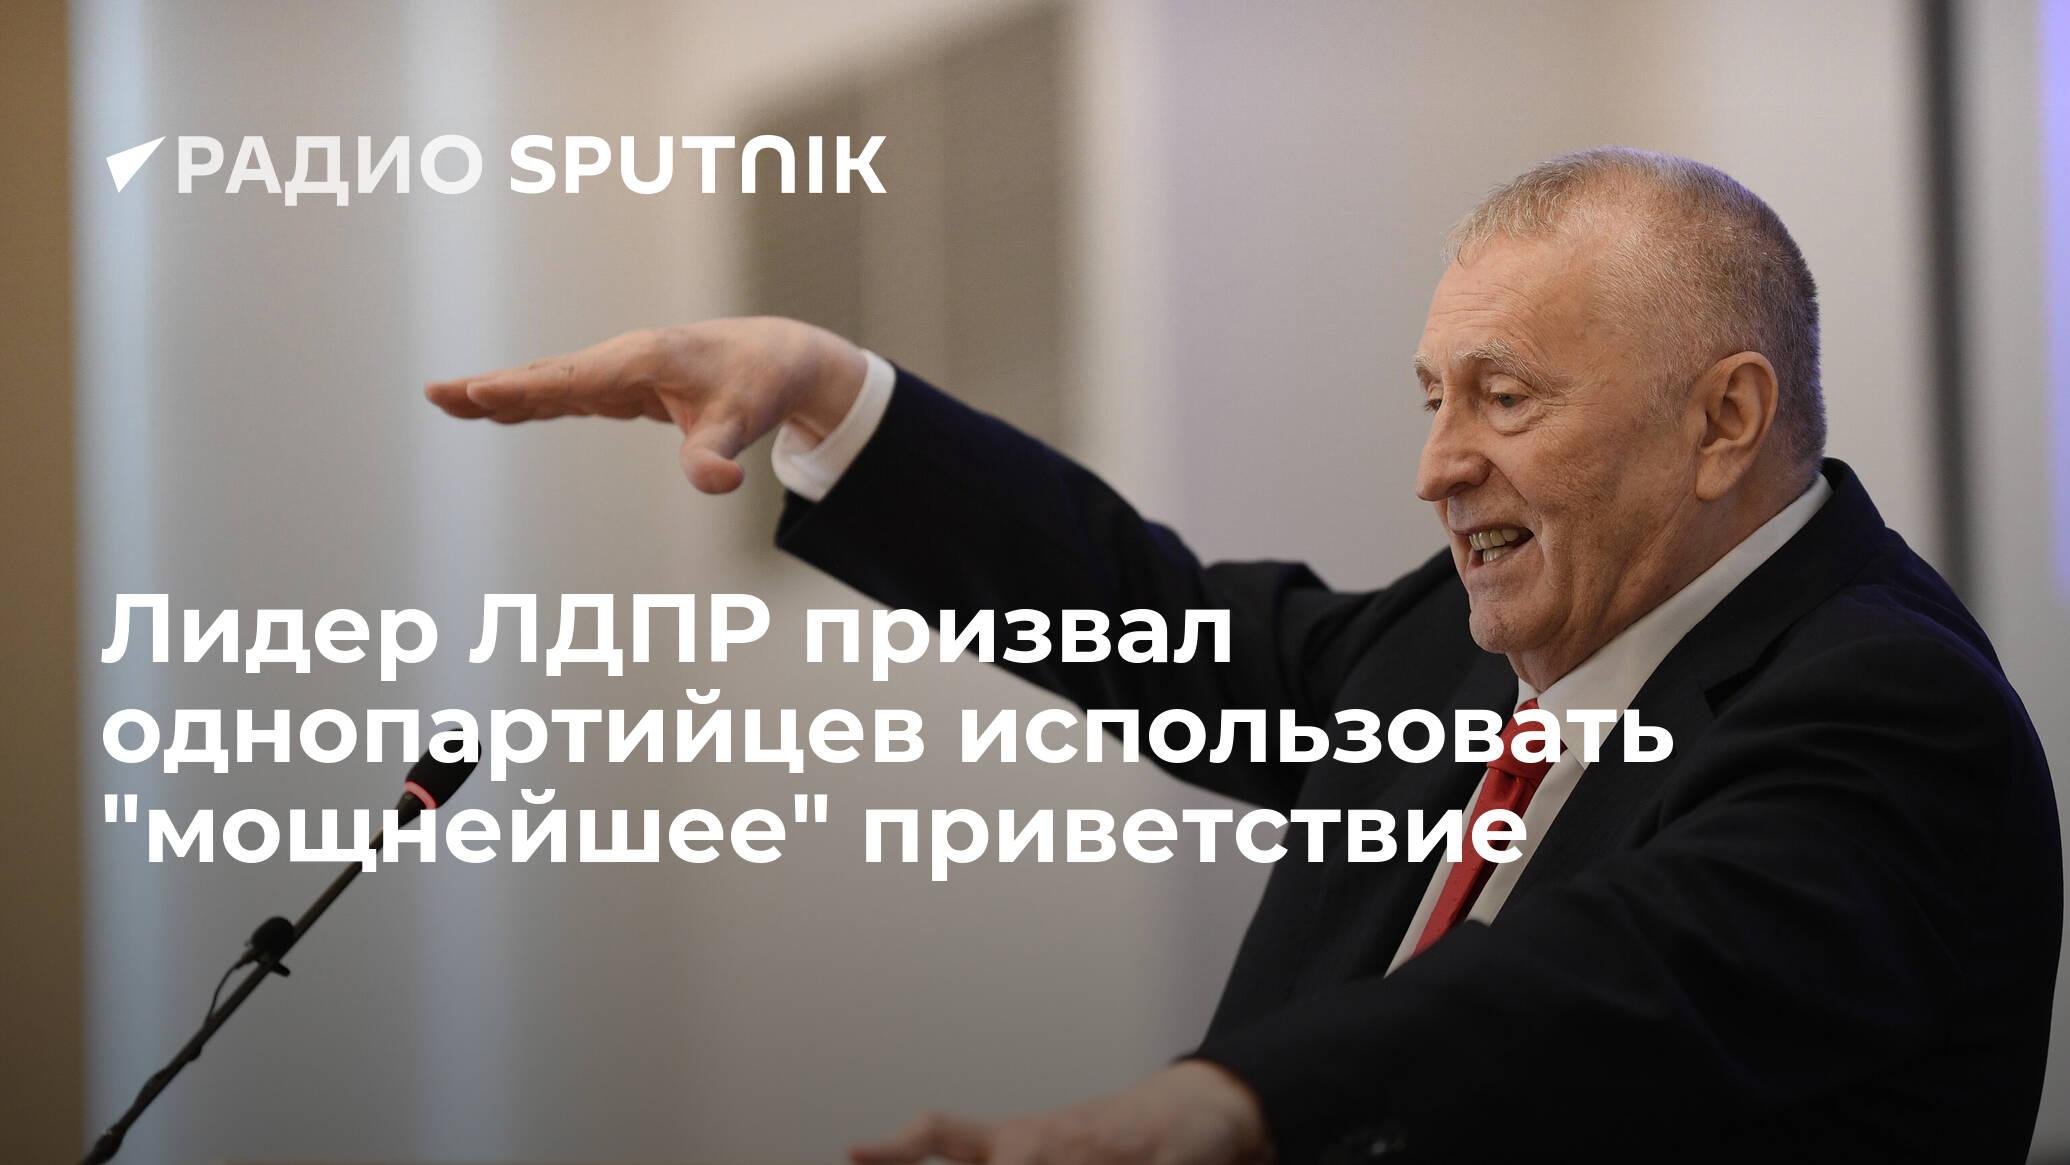 """Лидер ЛДПР призвал однопартийцев использовать """"мощнейшее"""" приветствие  - Радио Sputnik, 13.07.2020"""